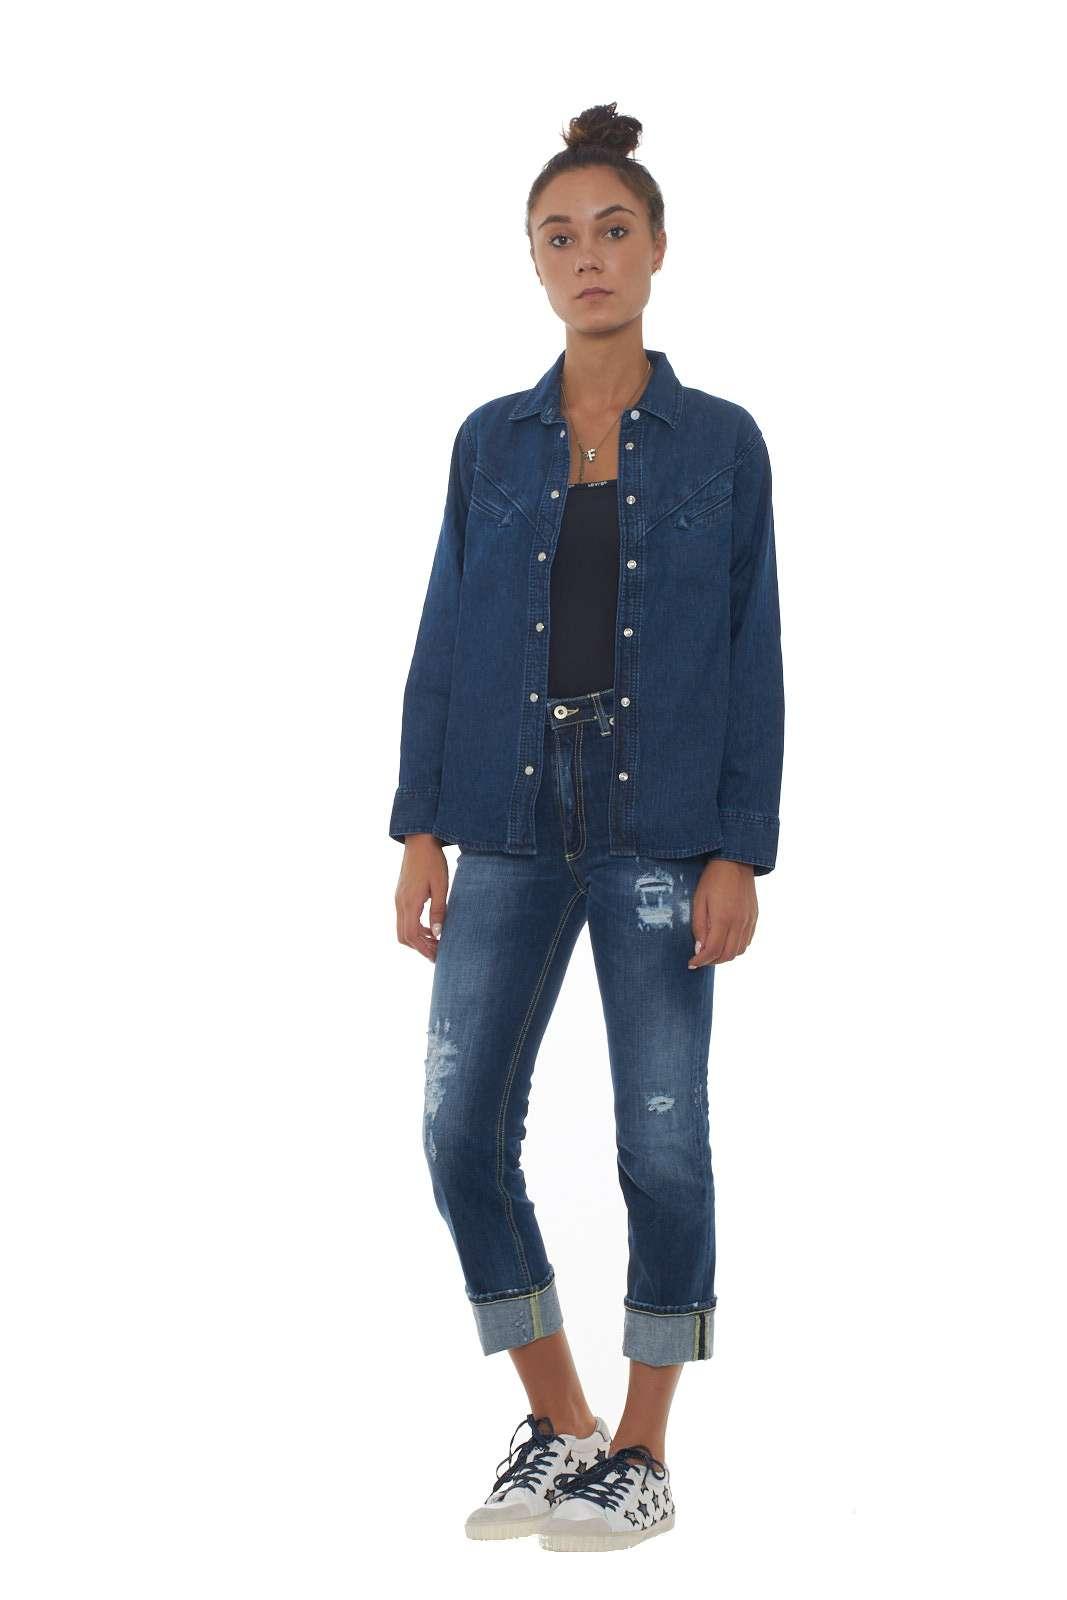 https://www.parmax.com/media/catalog/product/a/i/AI-outlet_parmax-camicia-donna-Levis-77678%200000-D.jpg